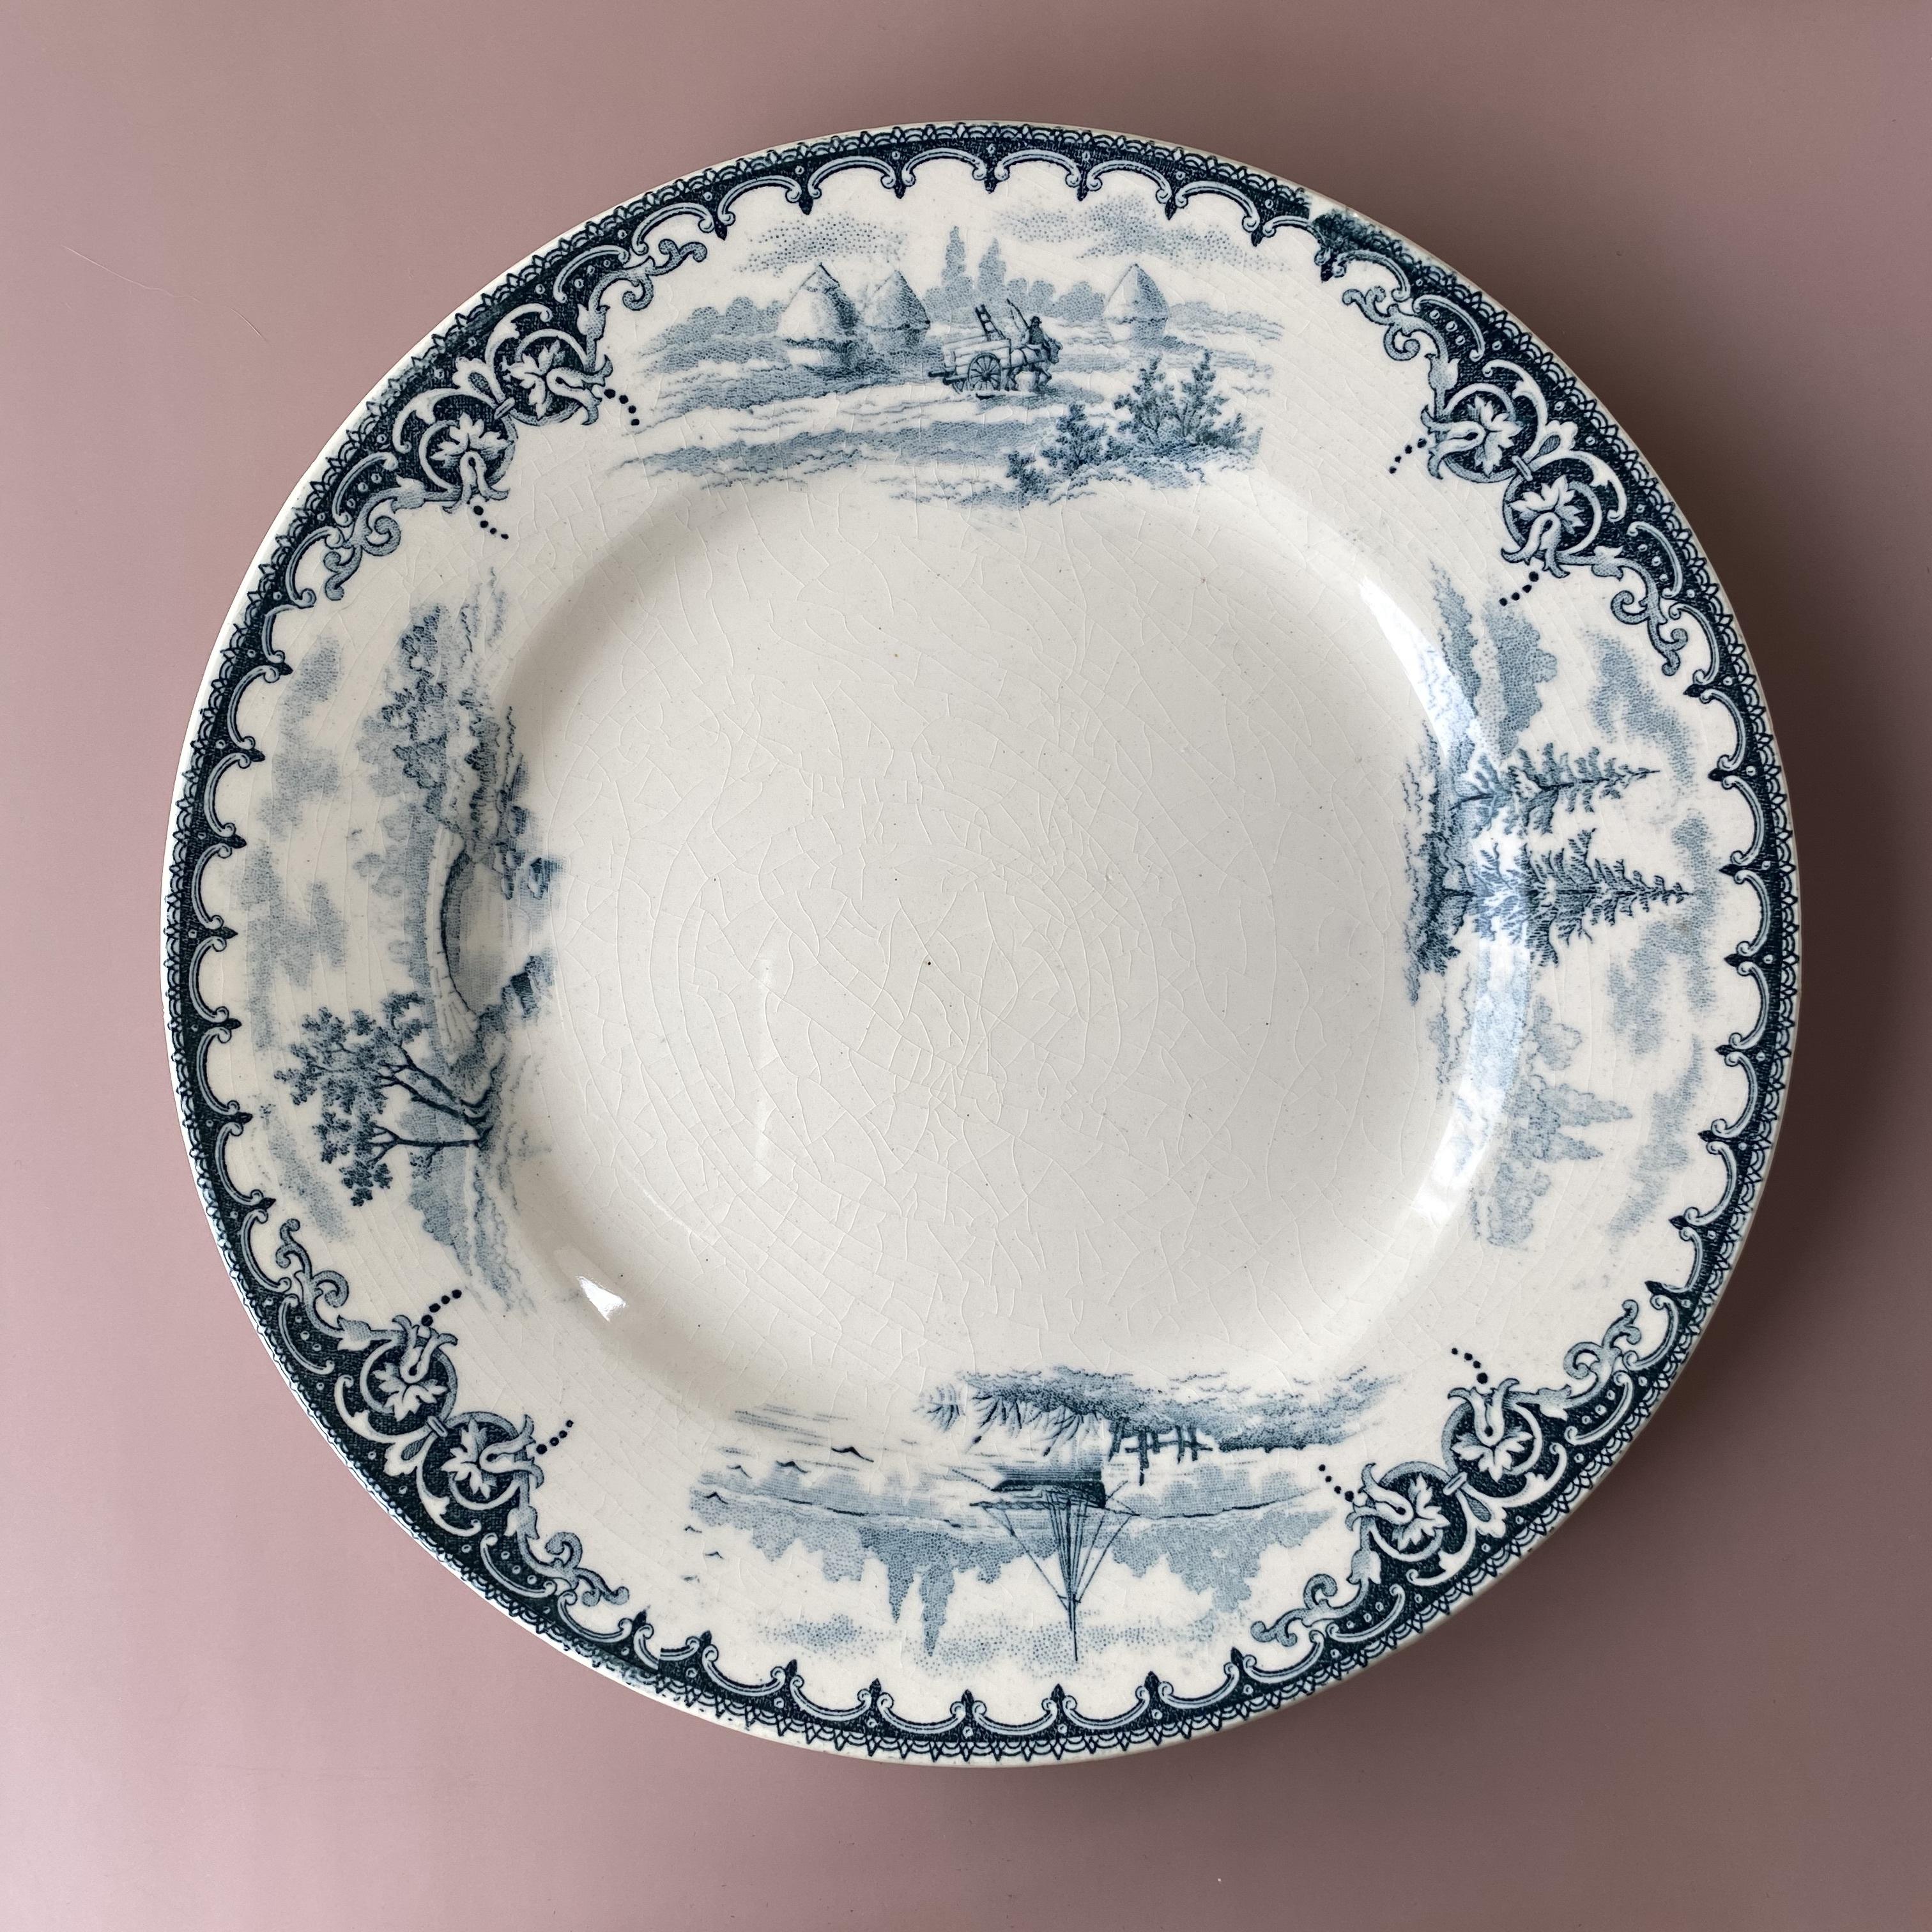 E.BOURGEOIS antique dessert plate1 /uv0007